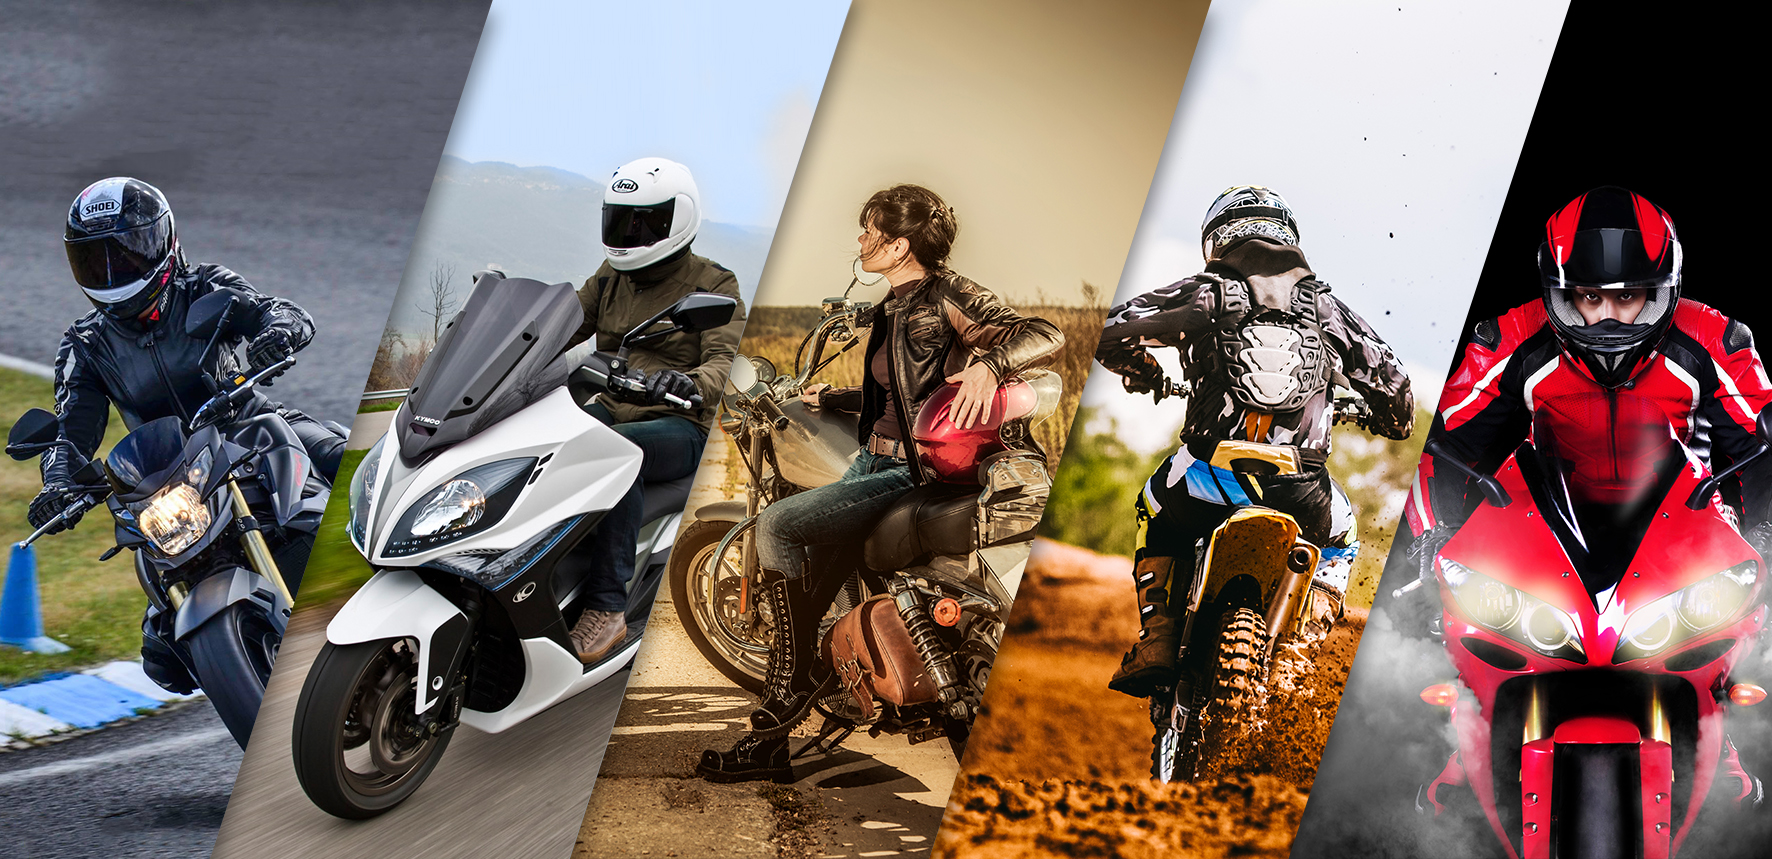 Magasins equipement moto paris